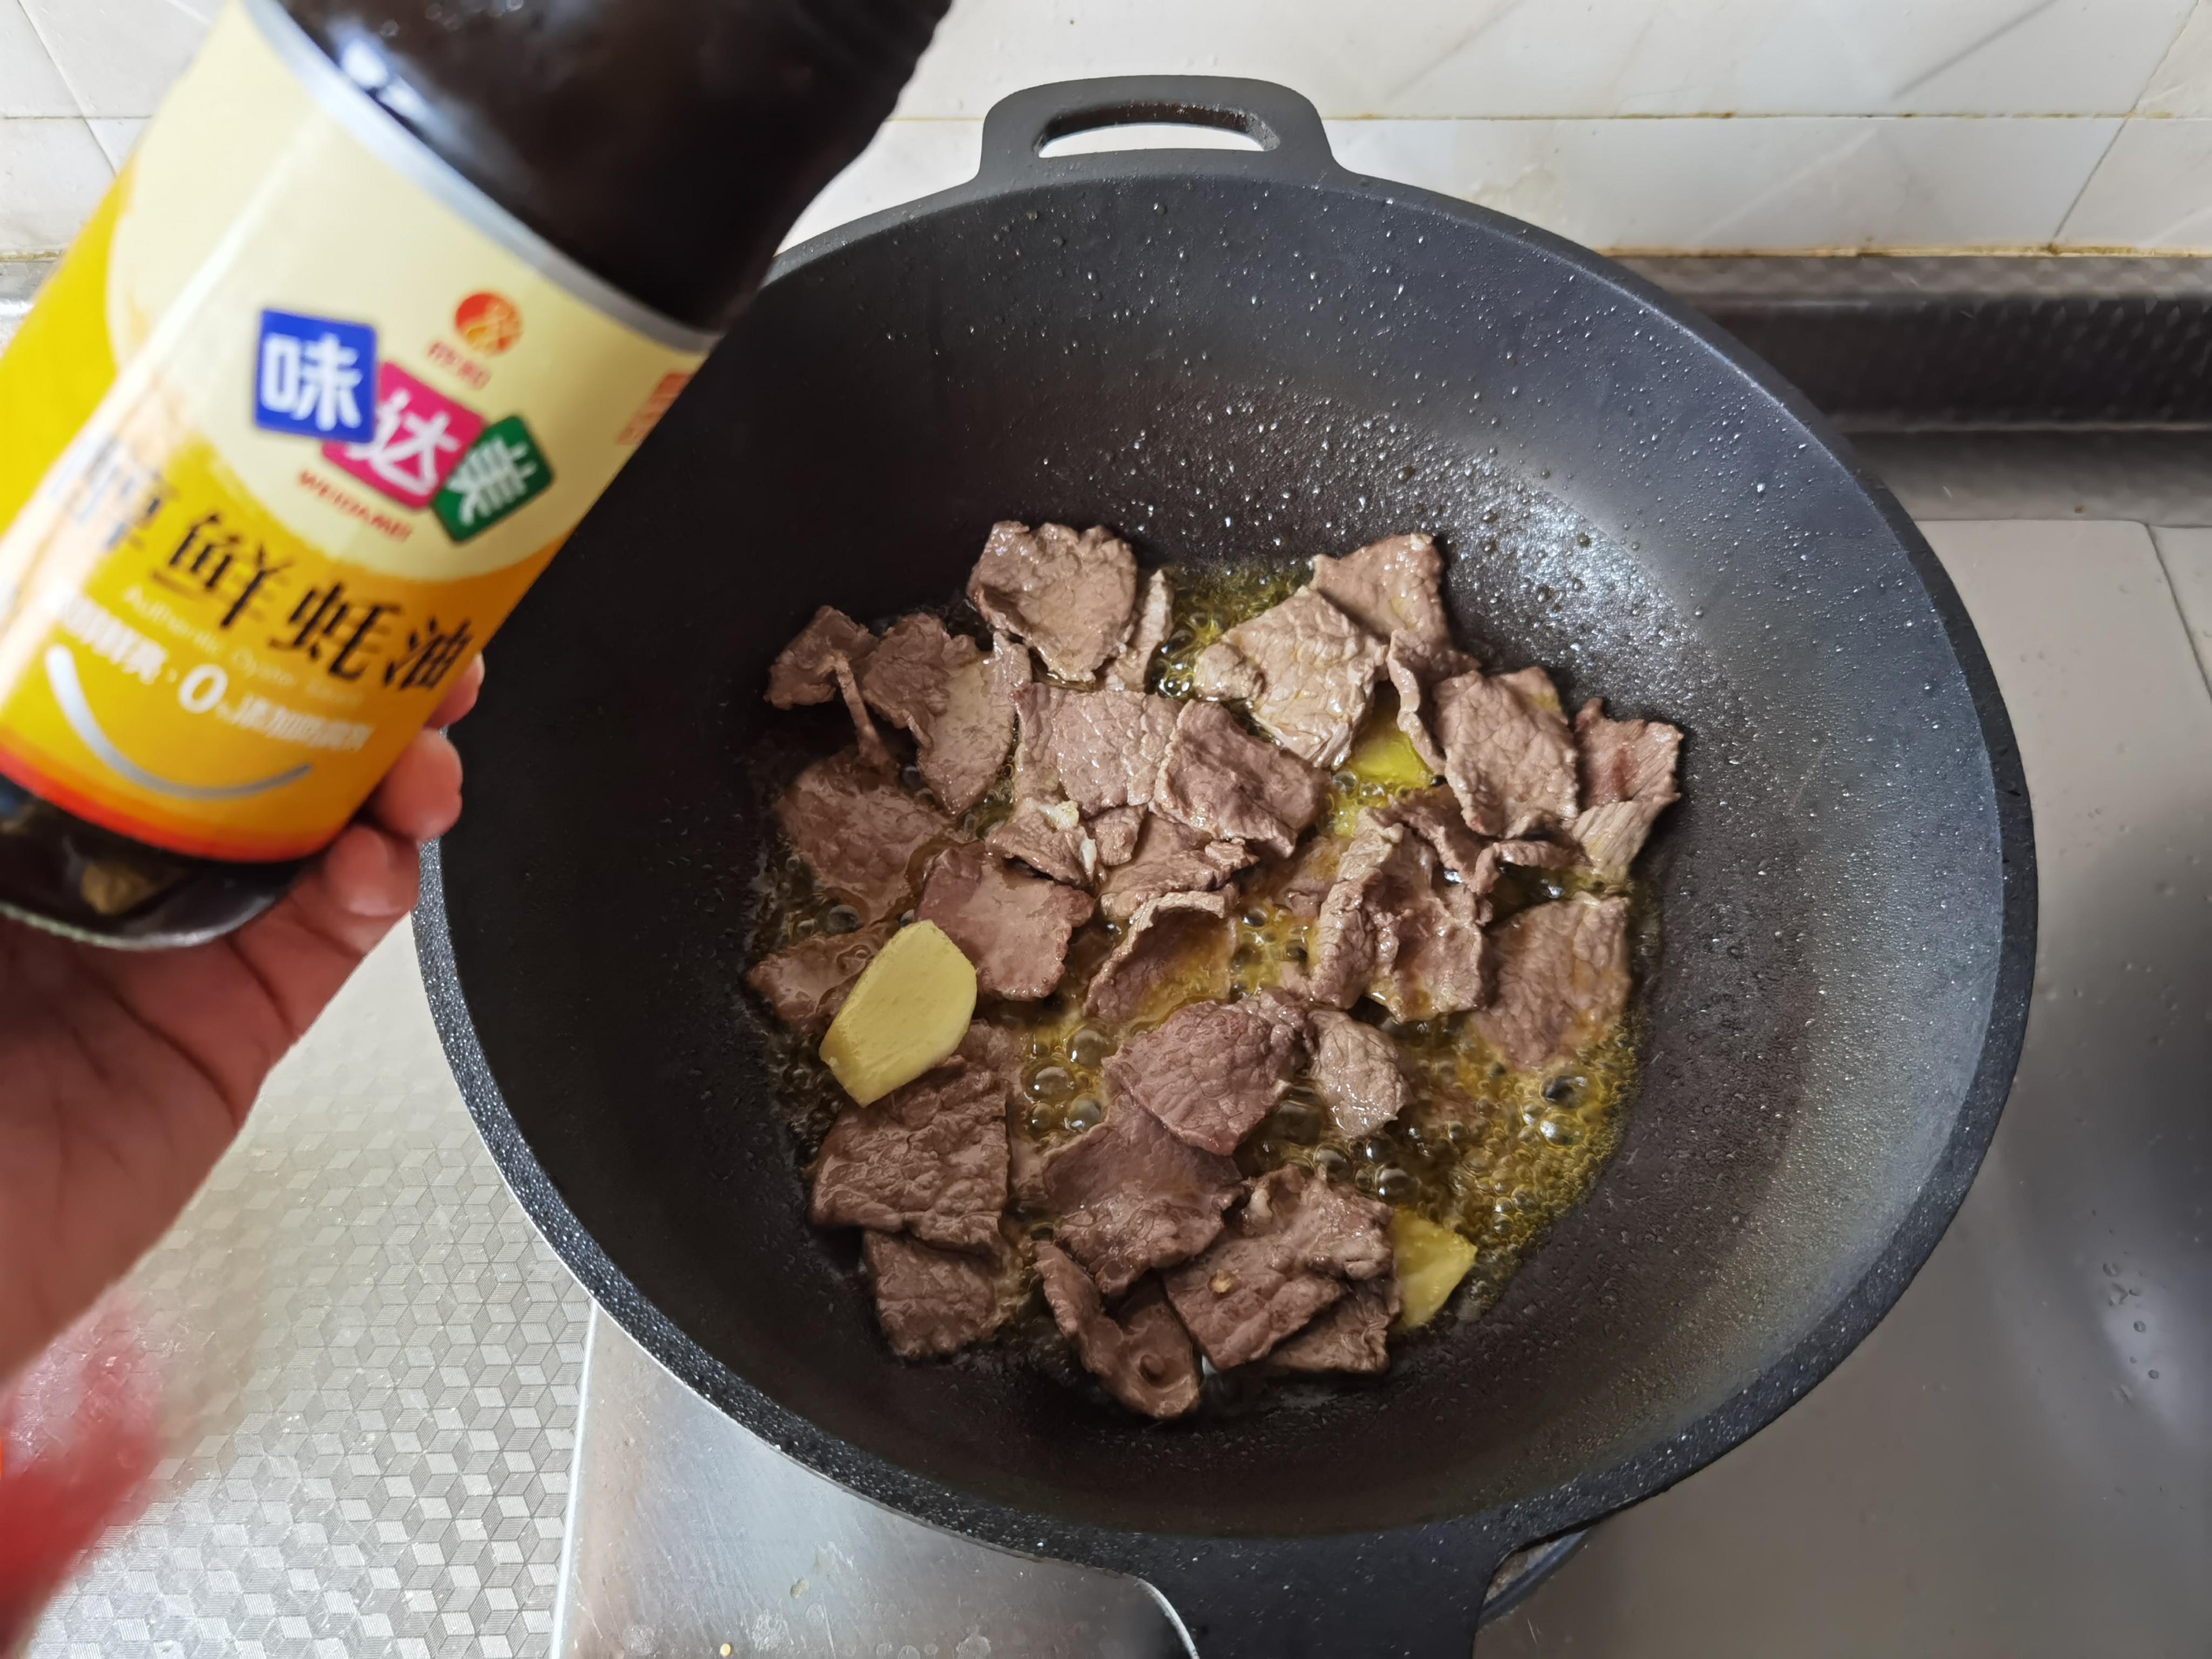 好吃入味的青菜炖牛肉,微辣鲜香,十分入味,非常赞的下饭炖菜